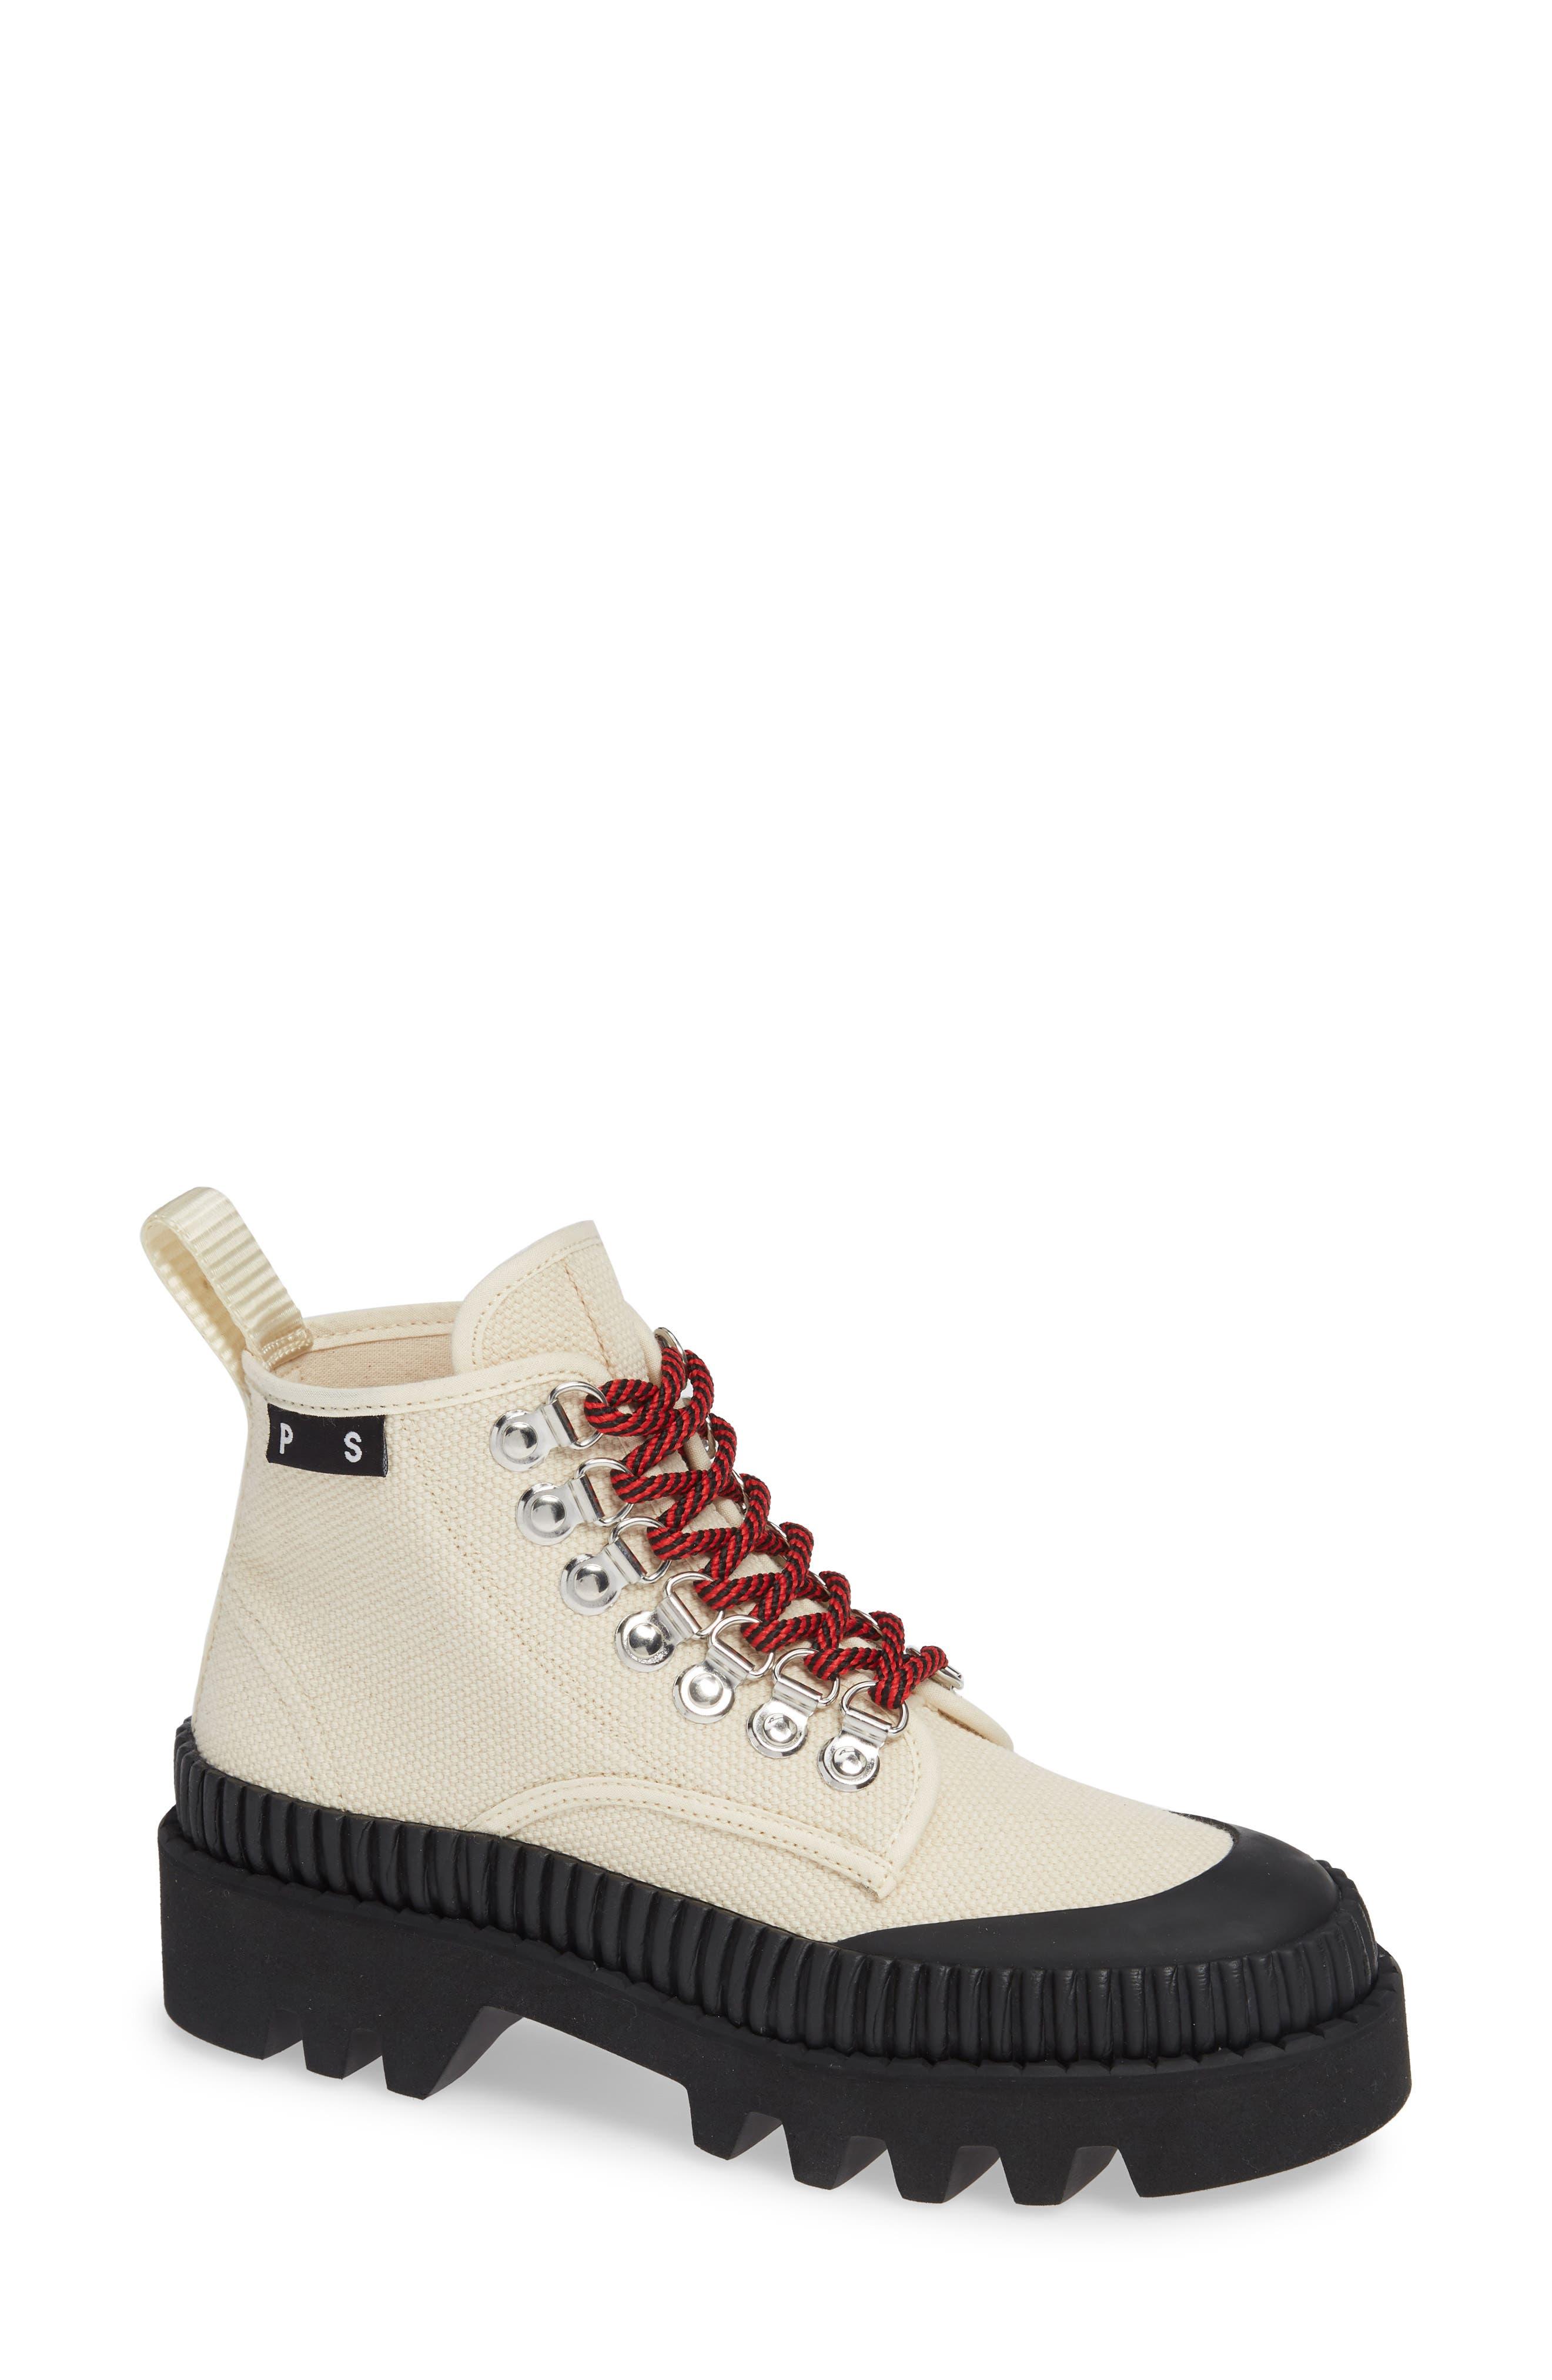 Hiker Boot, Main, color, ECRU/ BLACK